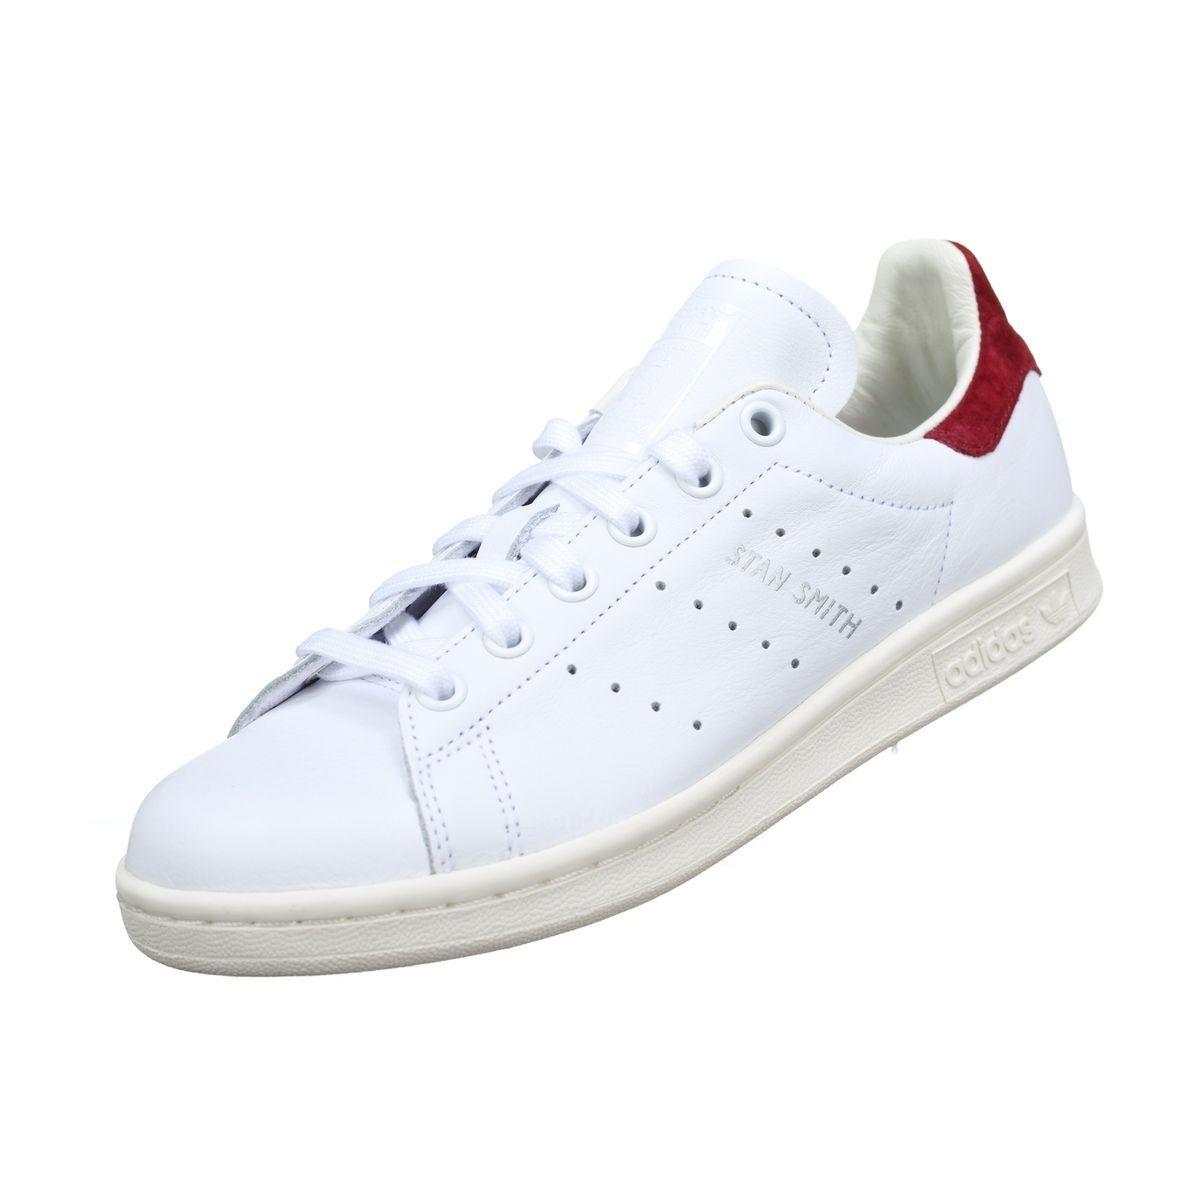 Basket Adidas Originals Stan Smith - Aq0887 - Taille : 36;36 ...